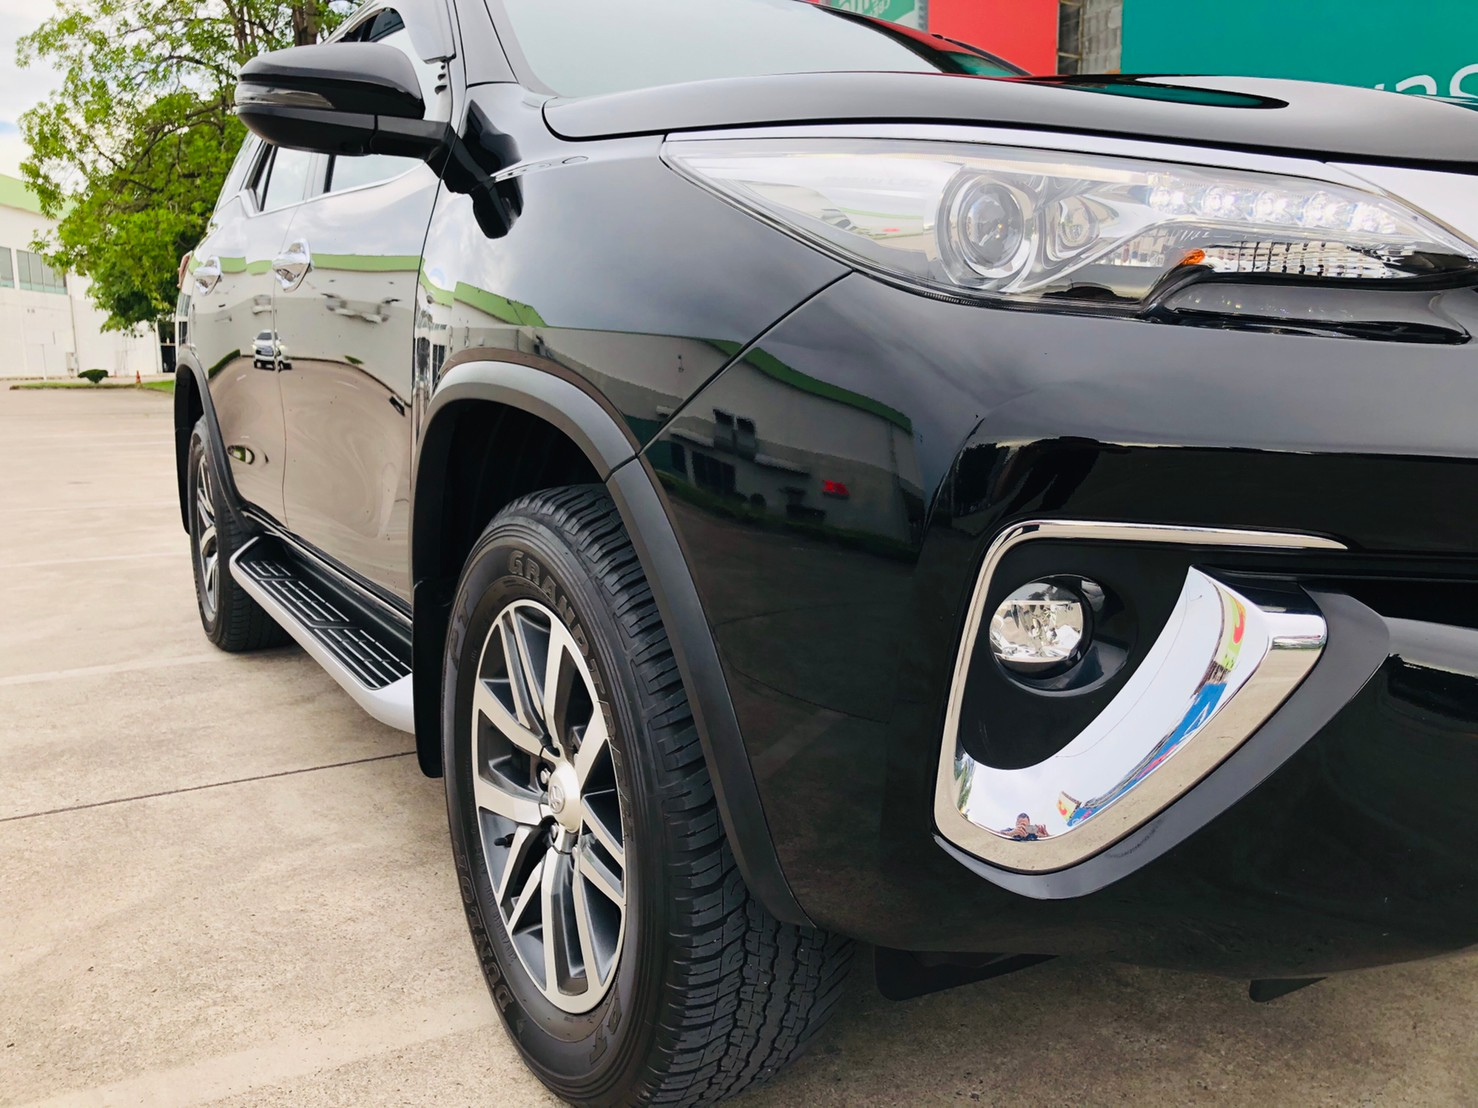 ภาพไฟหน้า โตโยต้า ฟอร์จูนเนอร์ 2.4 V 4WD ปี 2018